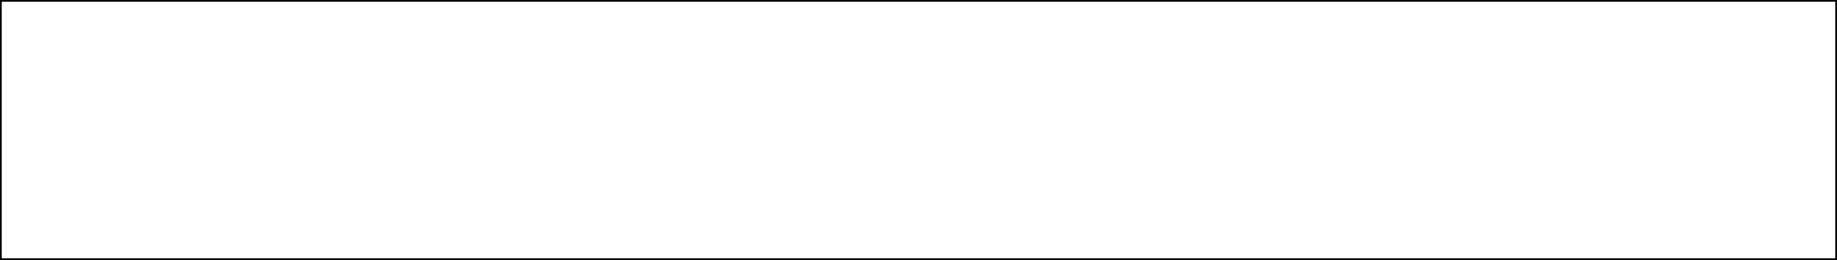 포르노그래퍼